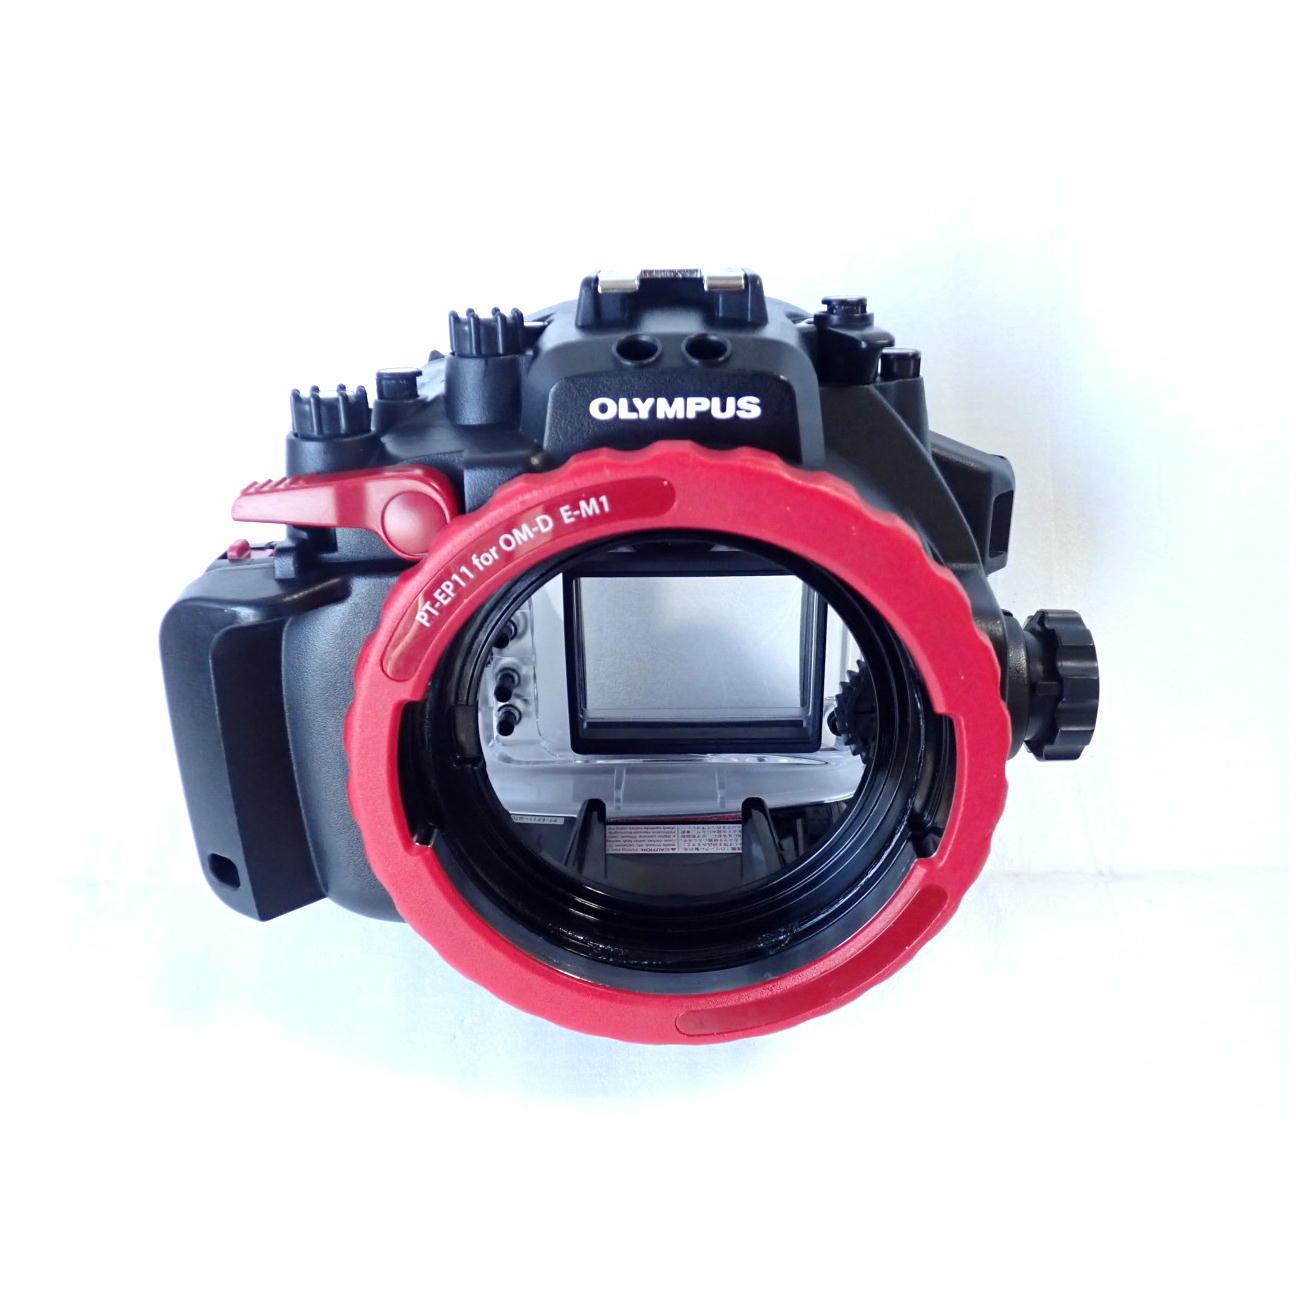 中古水中カメラ機材 オリンパスPT-EP11防水プロテクター(E-M1用)